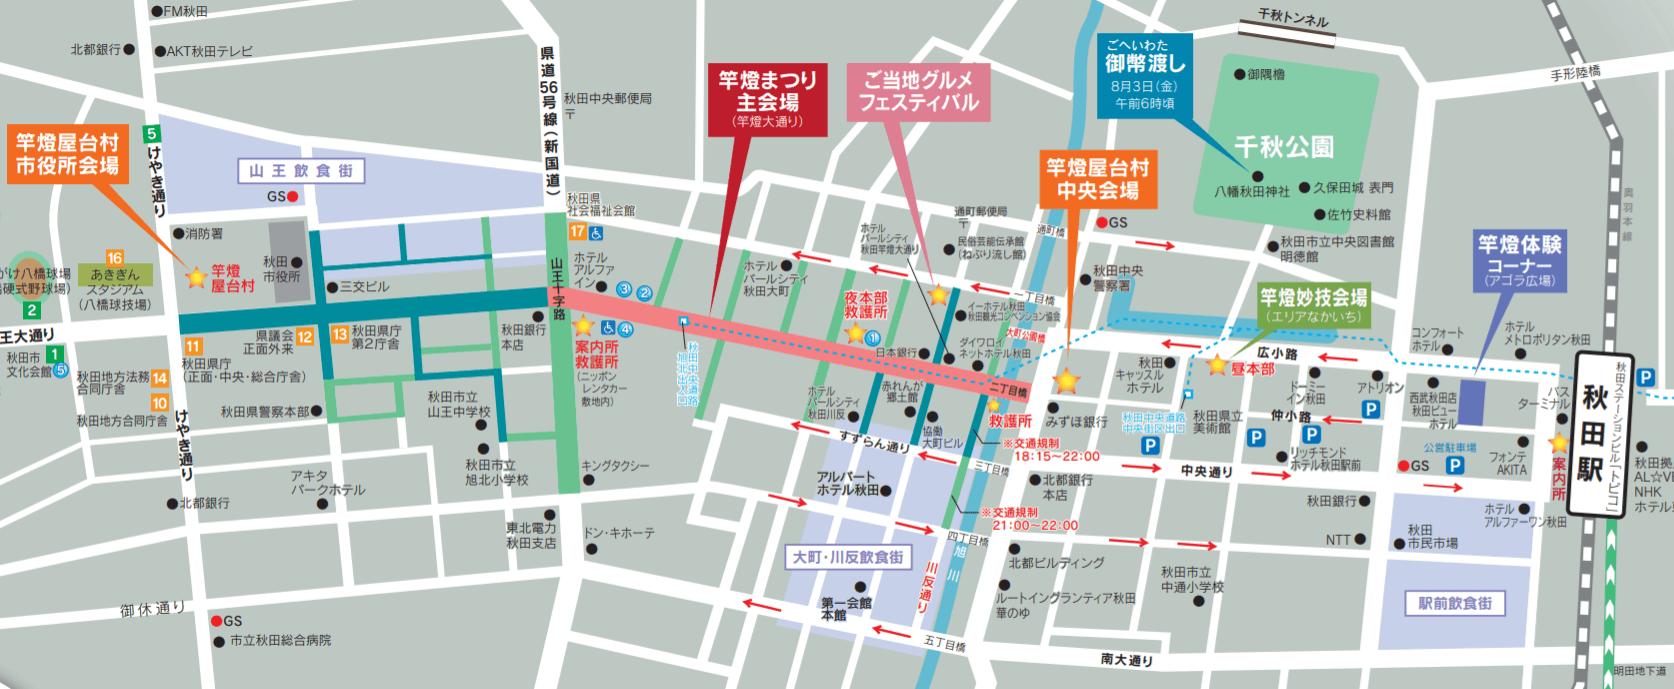 秋田竿燈まつり 交通規制 地図